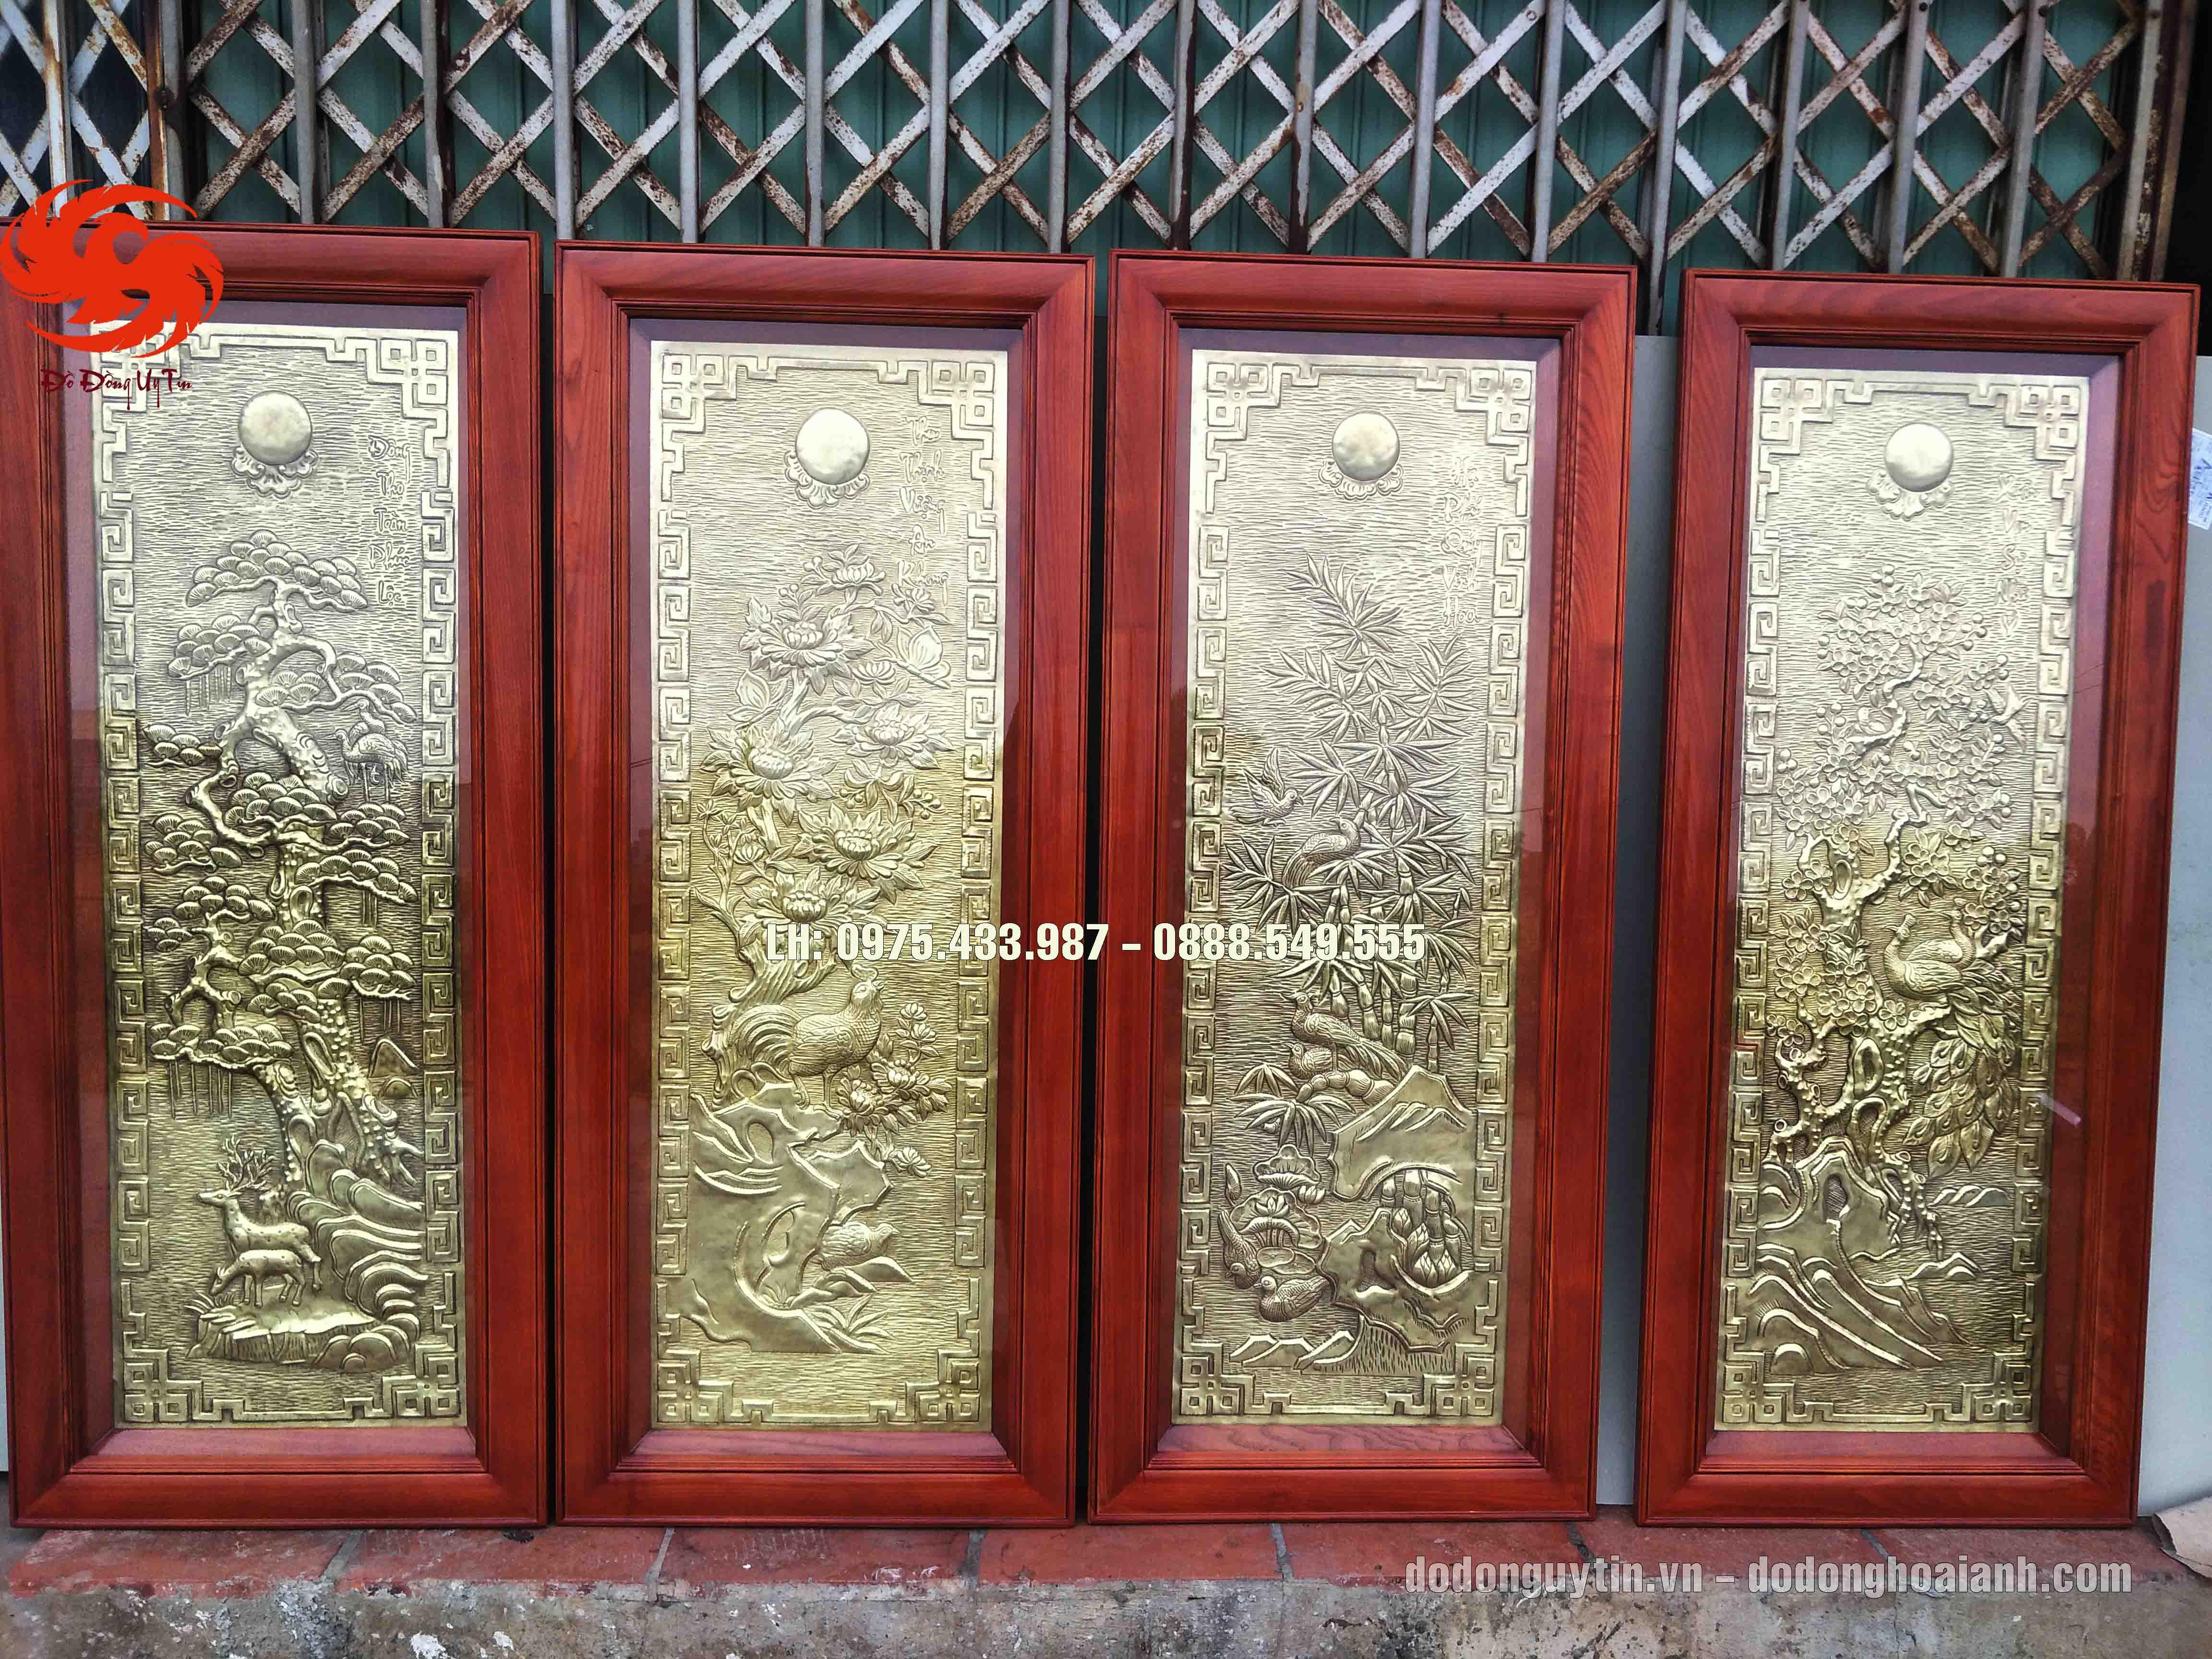 Bộ tranh đồng Tứ quý Tùng Cúc Trúc Mai đồng vàng giả cổ tinh xảo, chất lượng